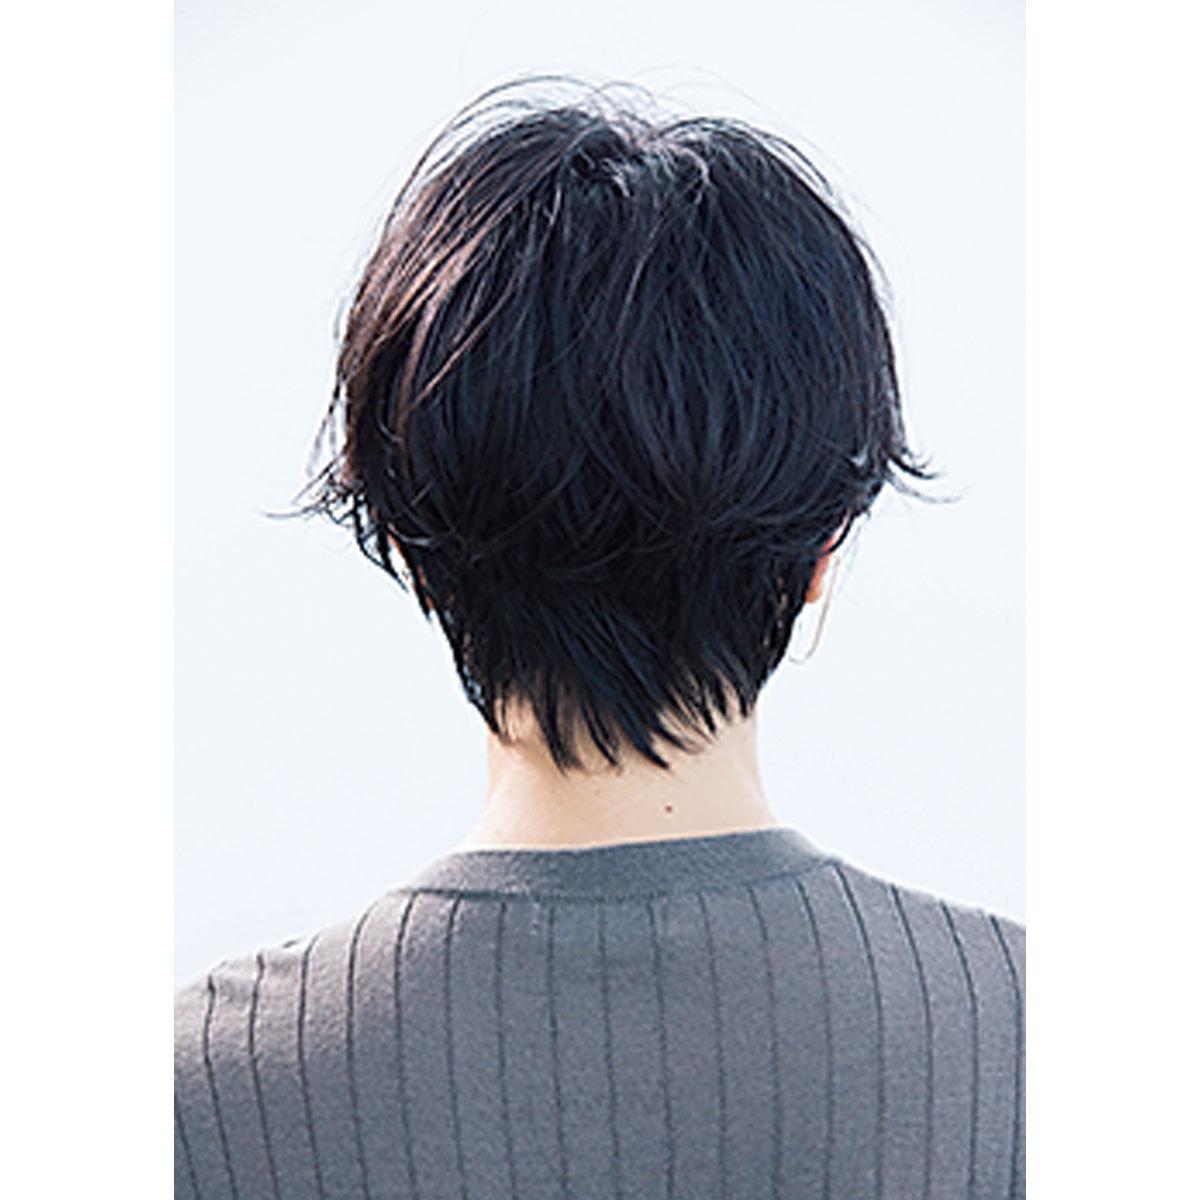 もっと素敵に変わりたい!40代のためのヘアスタイル月間ランキングTOP10_1_9